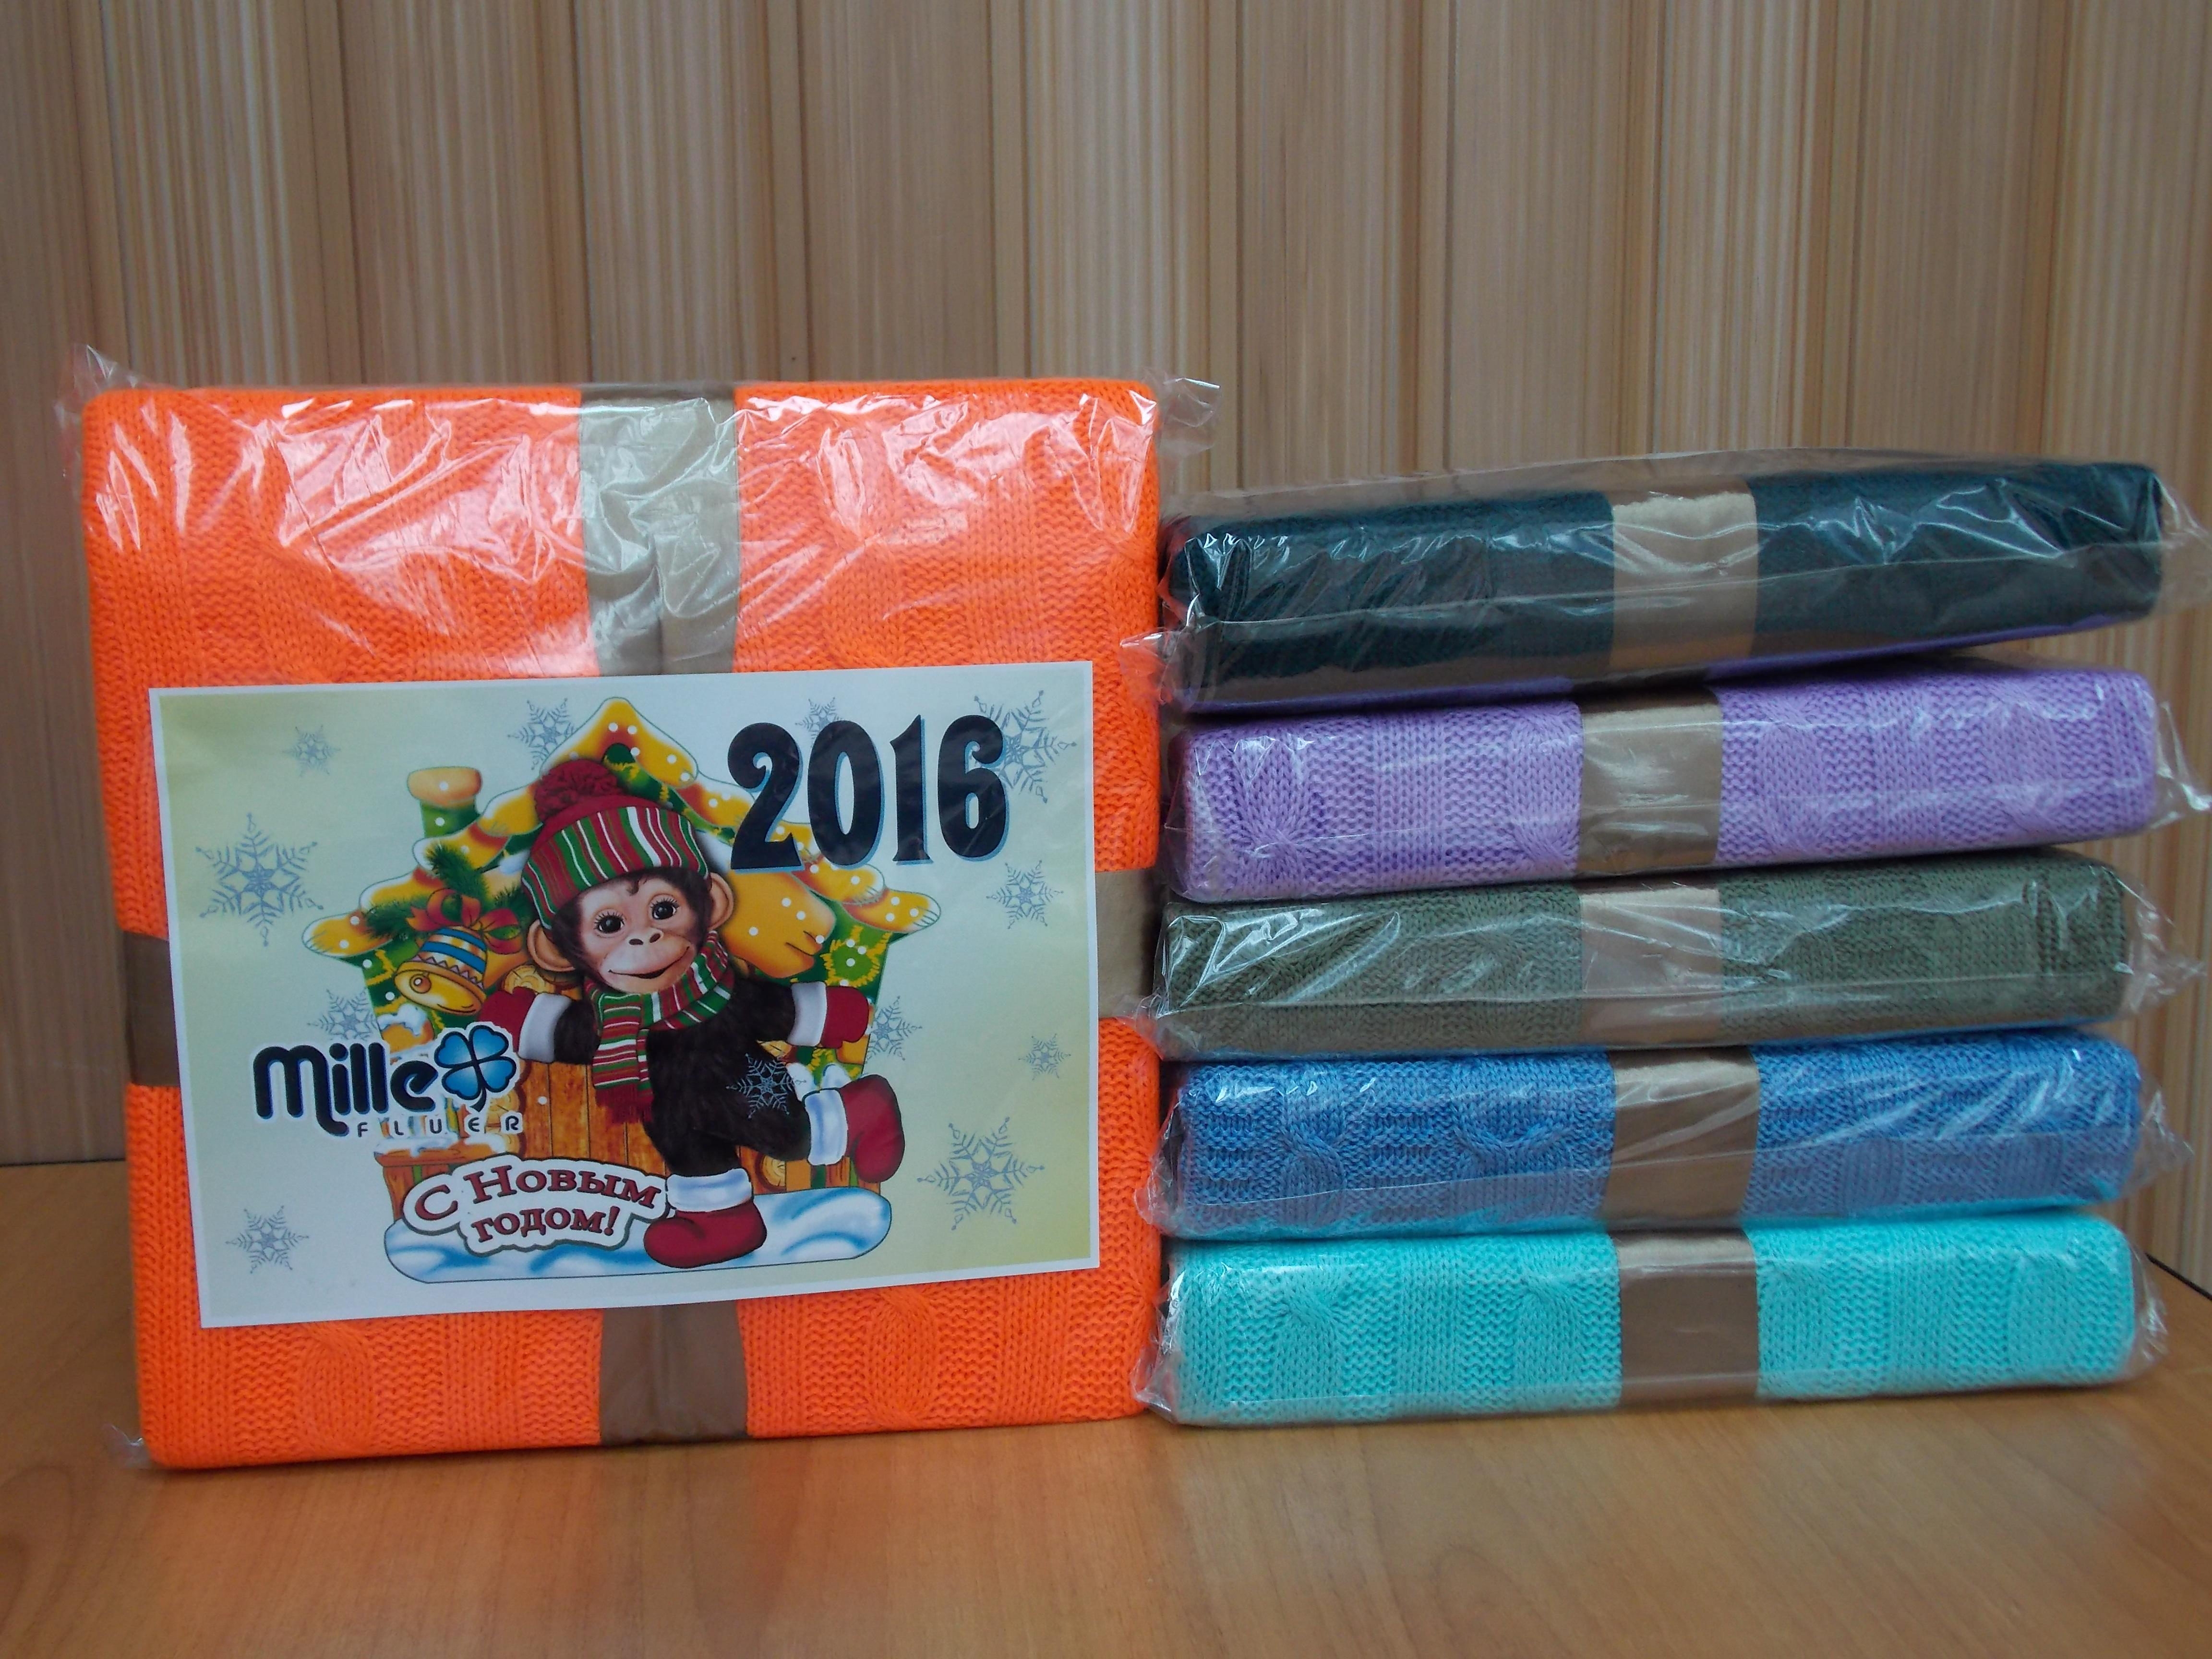 Распродажа! Трикотажные пледы Эралюкс в подарочной новогодней упаковке. Все пледы по 700руб. Торопитесь, количество ограничено!